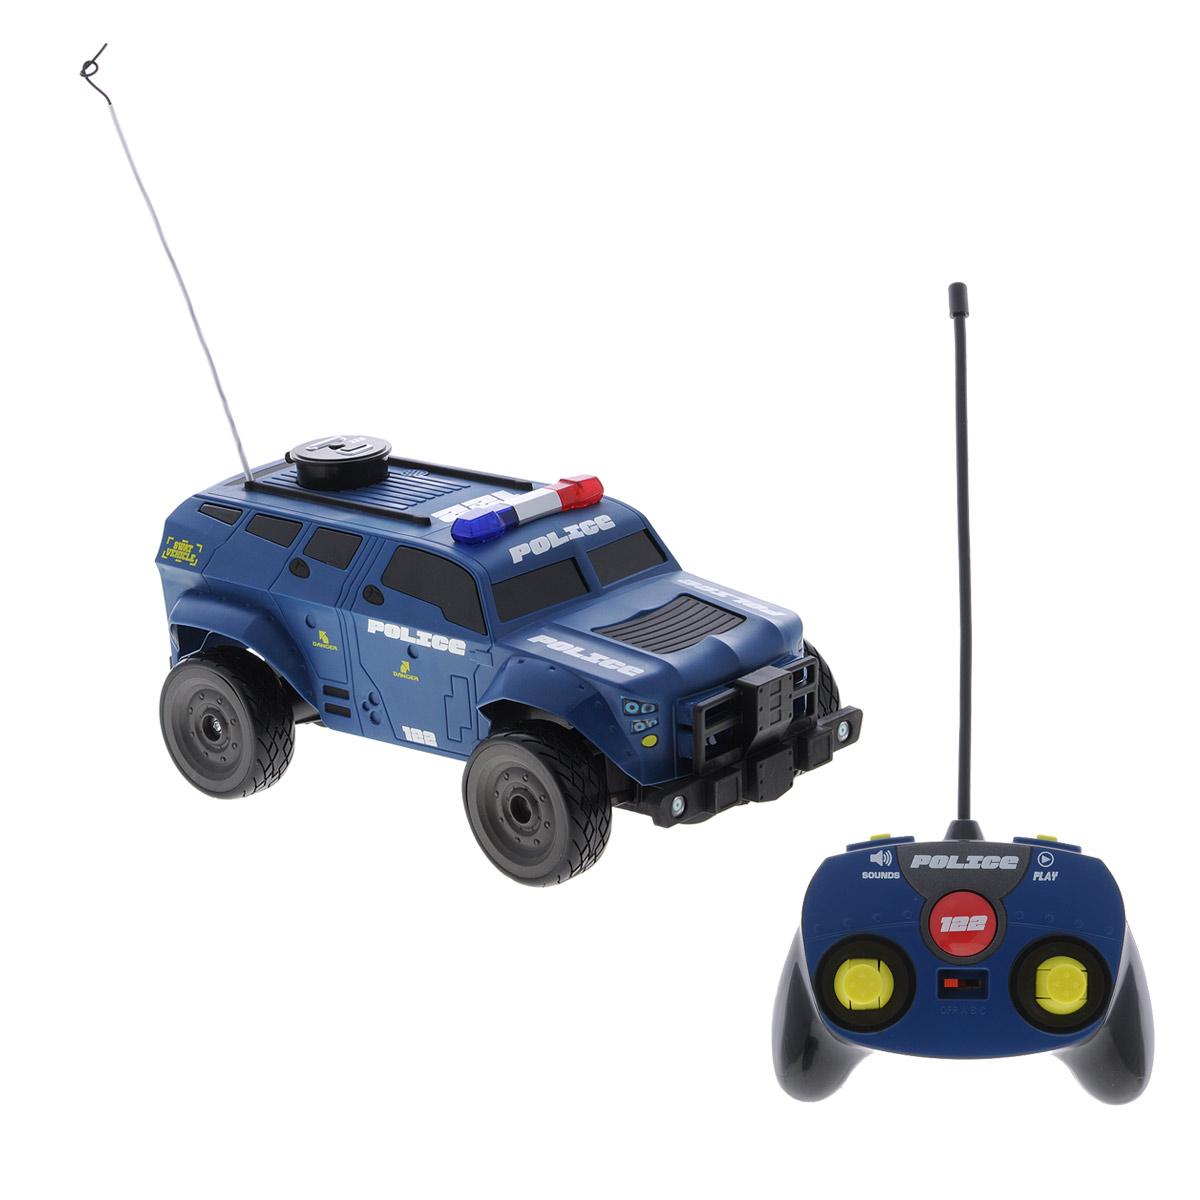 Maisto Машина на радиоуправлении Voice Defender81176Радиоуправляемая модель Maisto Полицейский внедорожник Voice Defender обязательно привлечет внимание взрослого и ребенка и несомненно понравится любому, кто увлекается автомобилями. Машинка обладает легким, но прочным каркасом из высококачественного пластика, повышенной амортизацией колес, усиленной защитой. Шины выполнены из мягкой резины. При нажатии на корпус замигают проблесковые маячки на крыше, раздастся звук сирены и команды полицейского. Отличительной чертой этого автомобиля является наличие устройства, позволяющего осуществлять запись и последующее воспроизведение голоса или каких-либо звуков (длительность записи до 15 секунд). Для записи нужно нажать кнопку REC на крыше модели. Управление автомобилем осуществляется с помощью удобного пульта управления. Машинка может перемещаться вперед, дает задний ход, поворачивает влево и вправо, останавливается. 3 канала управления дают возможность играть троим игрокам одновременно рядом друг с другом. ...